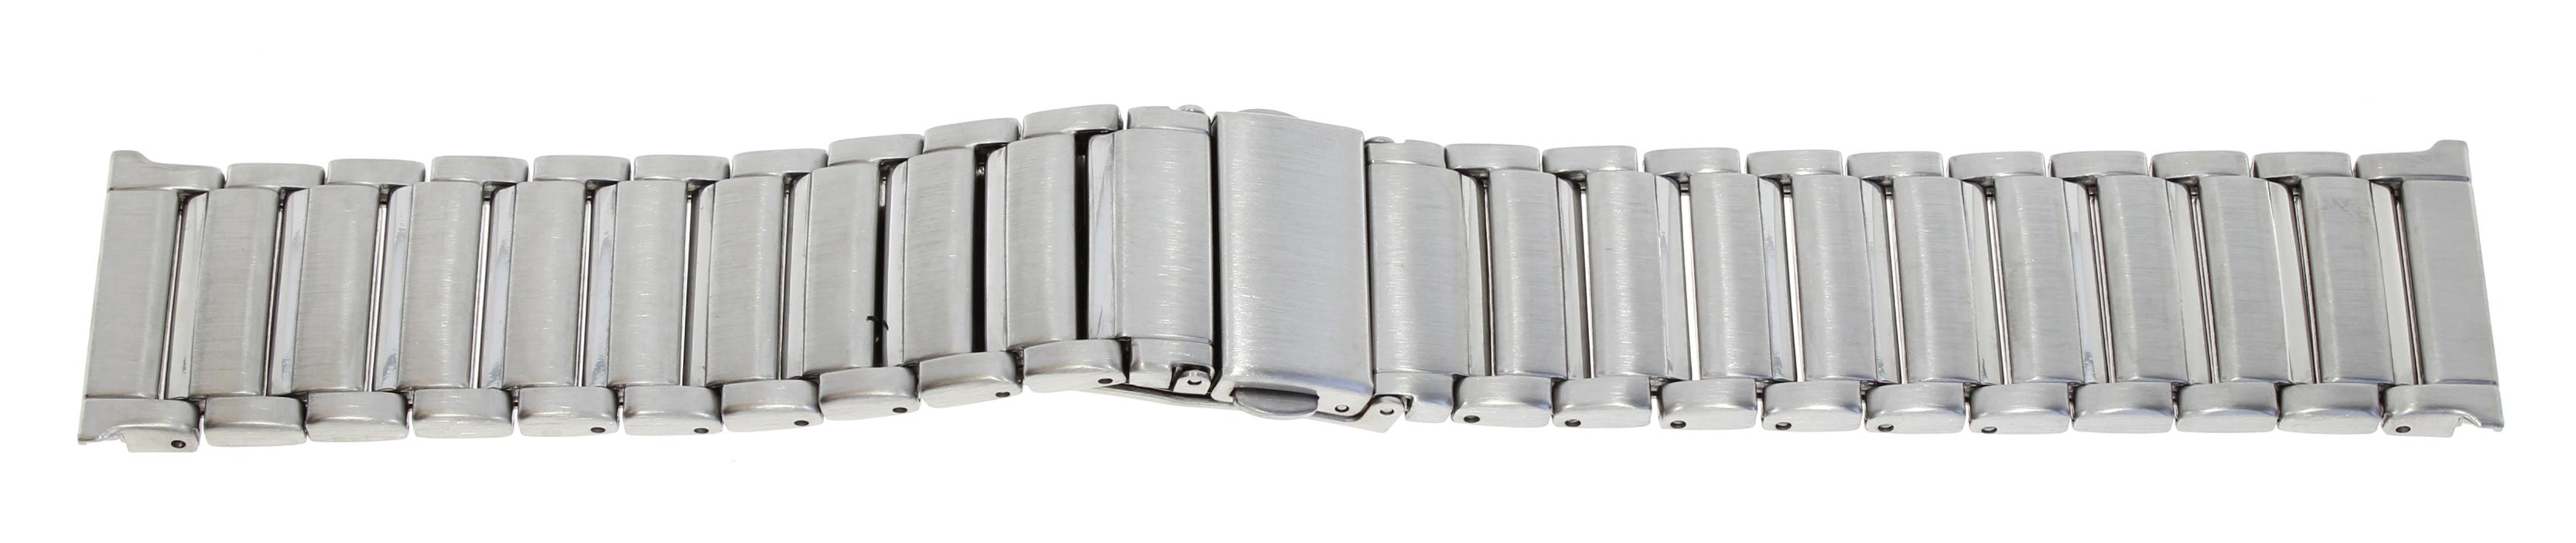 Bracelet à boucle déployante avec touches